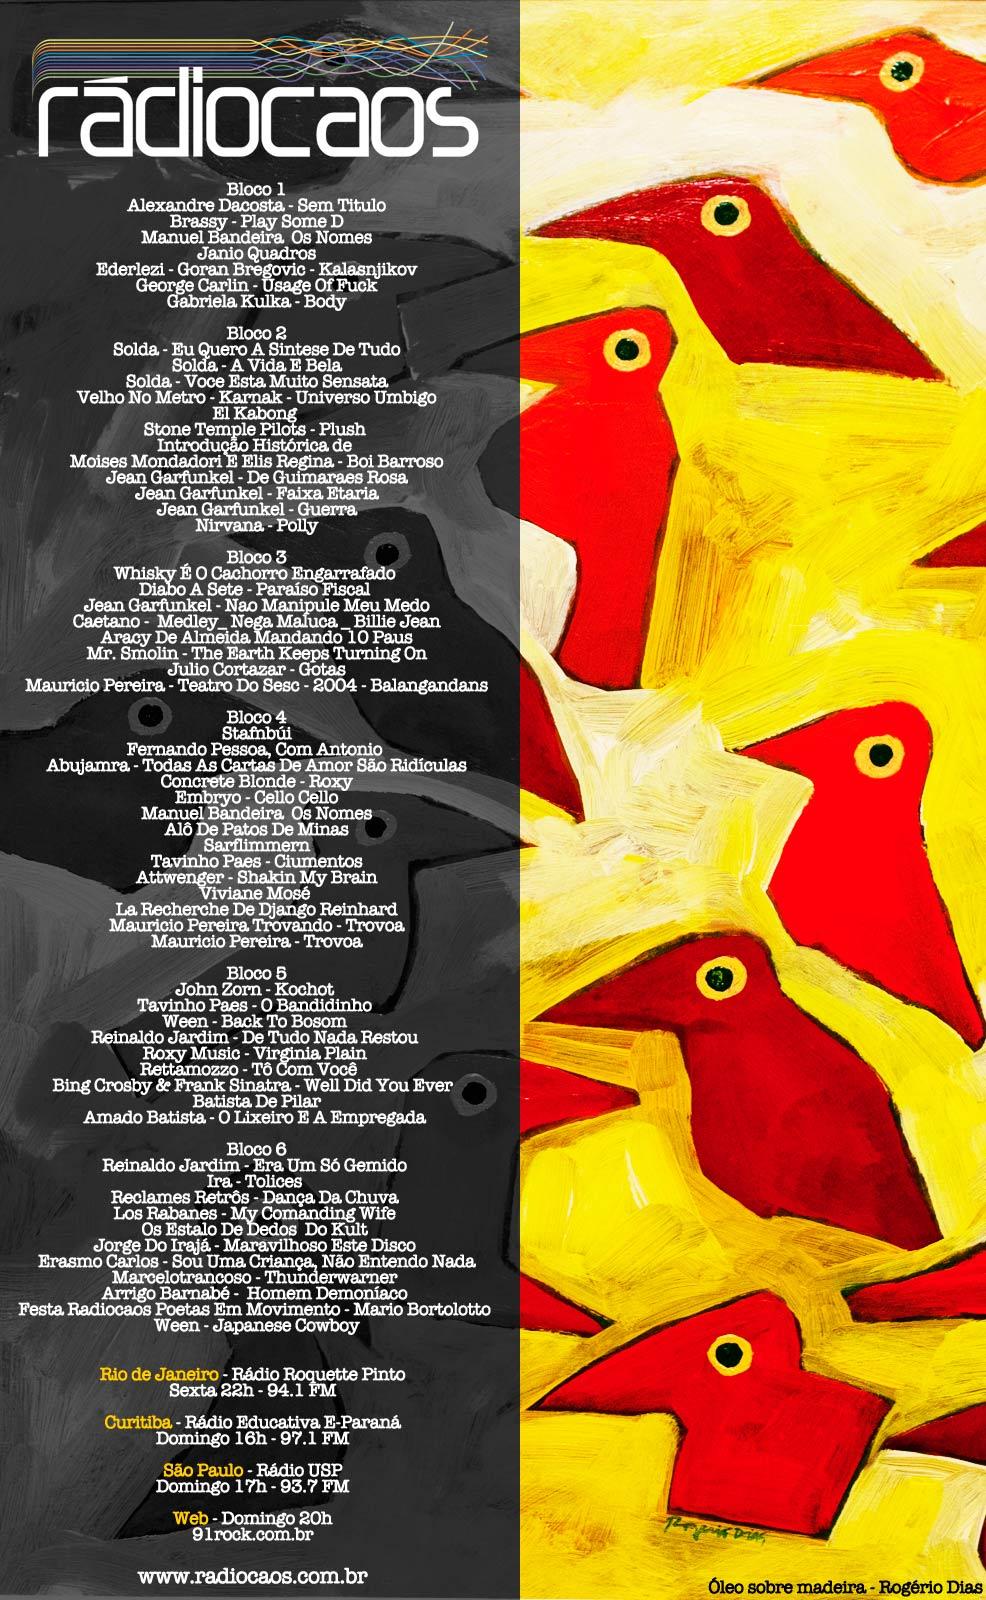 mailcaos-30-11-2012